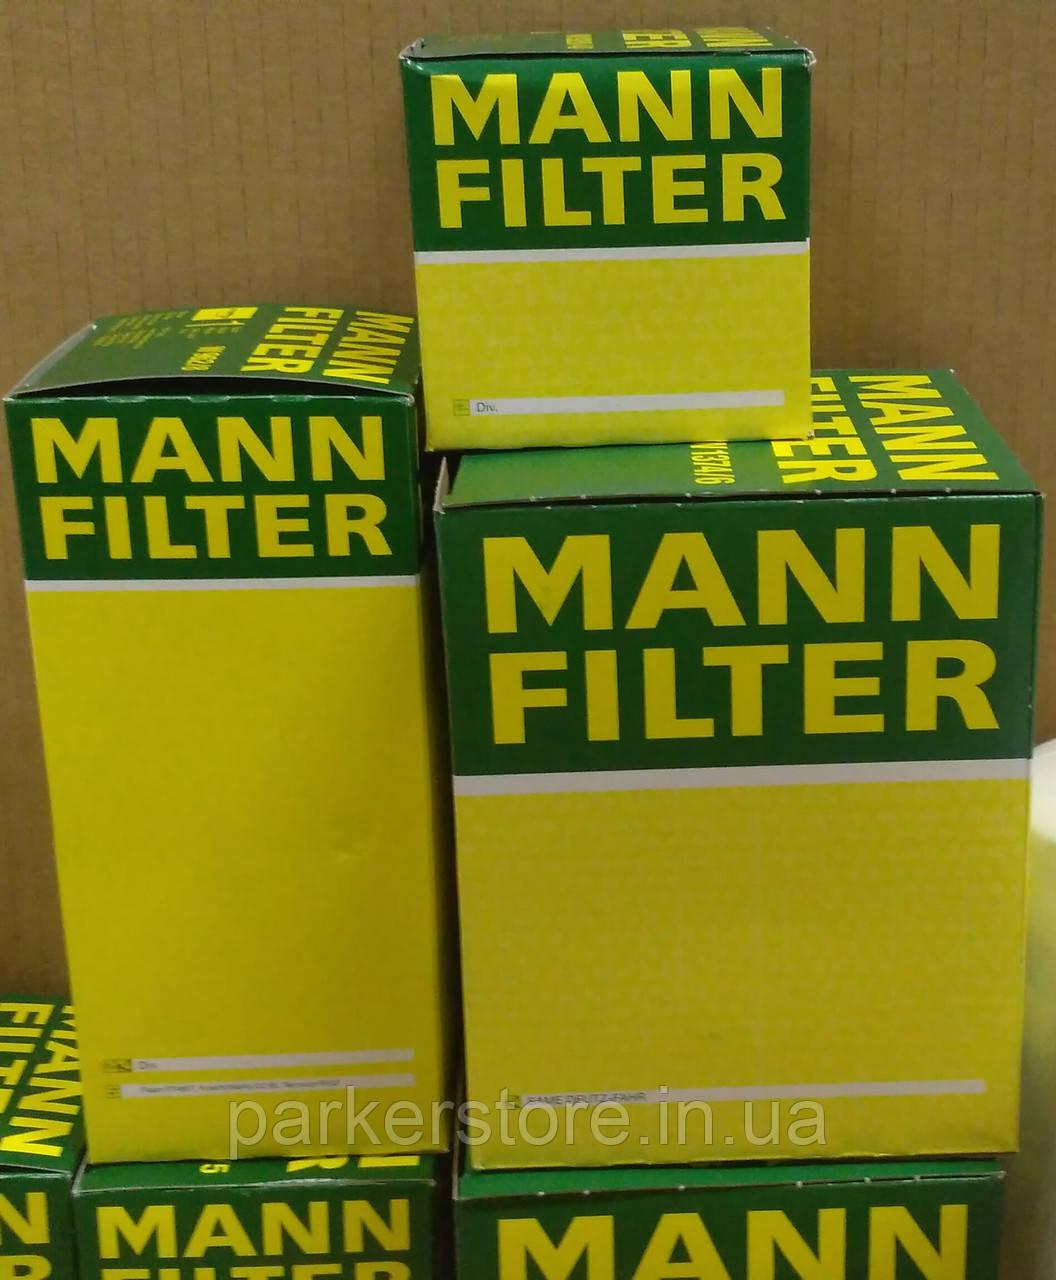 MANN FILTER / Повітряний фільтр / C 1287 / C1287